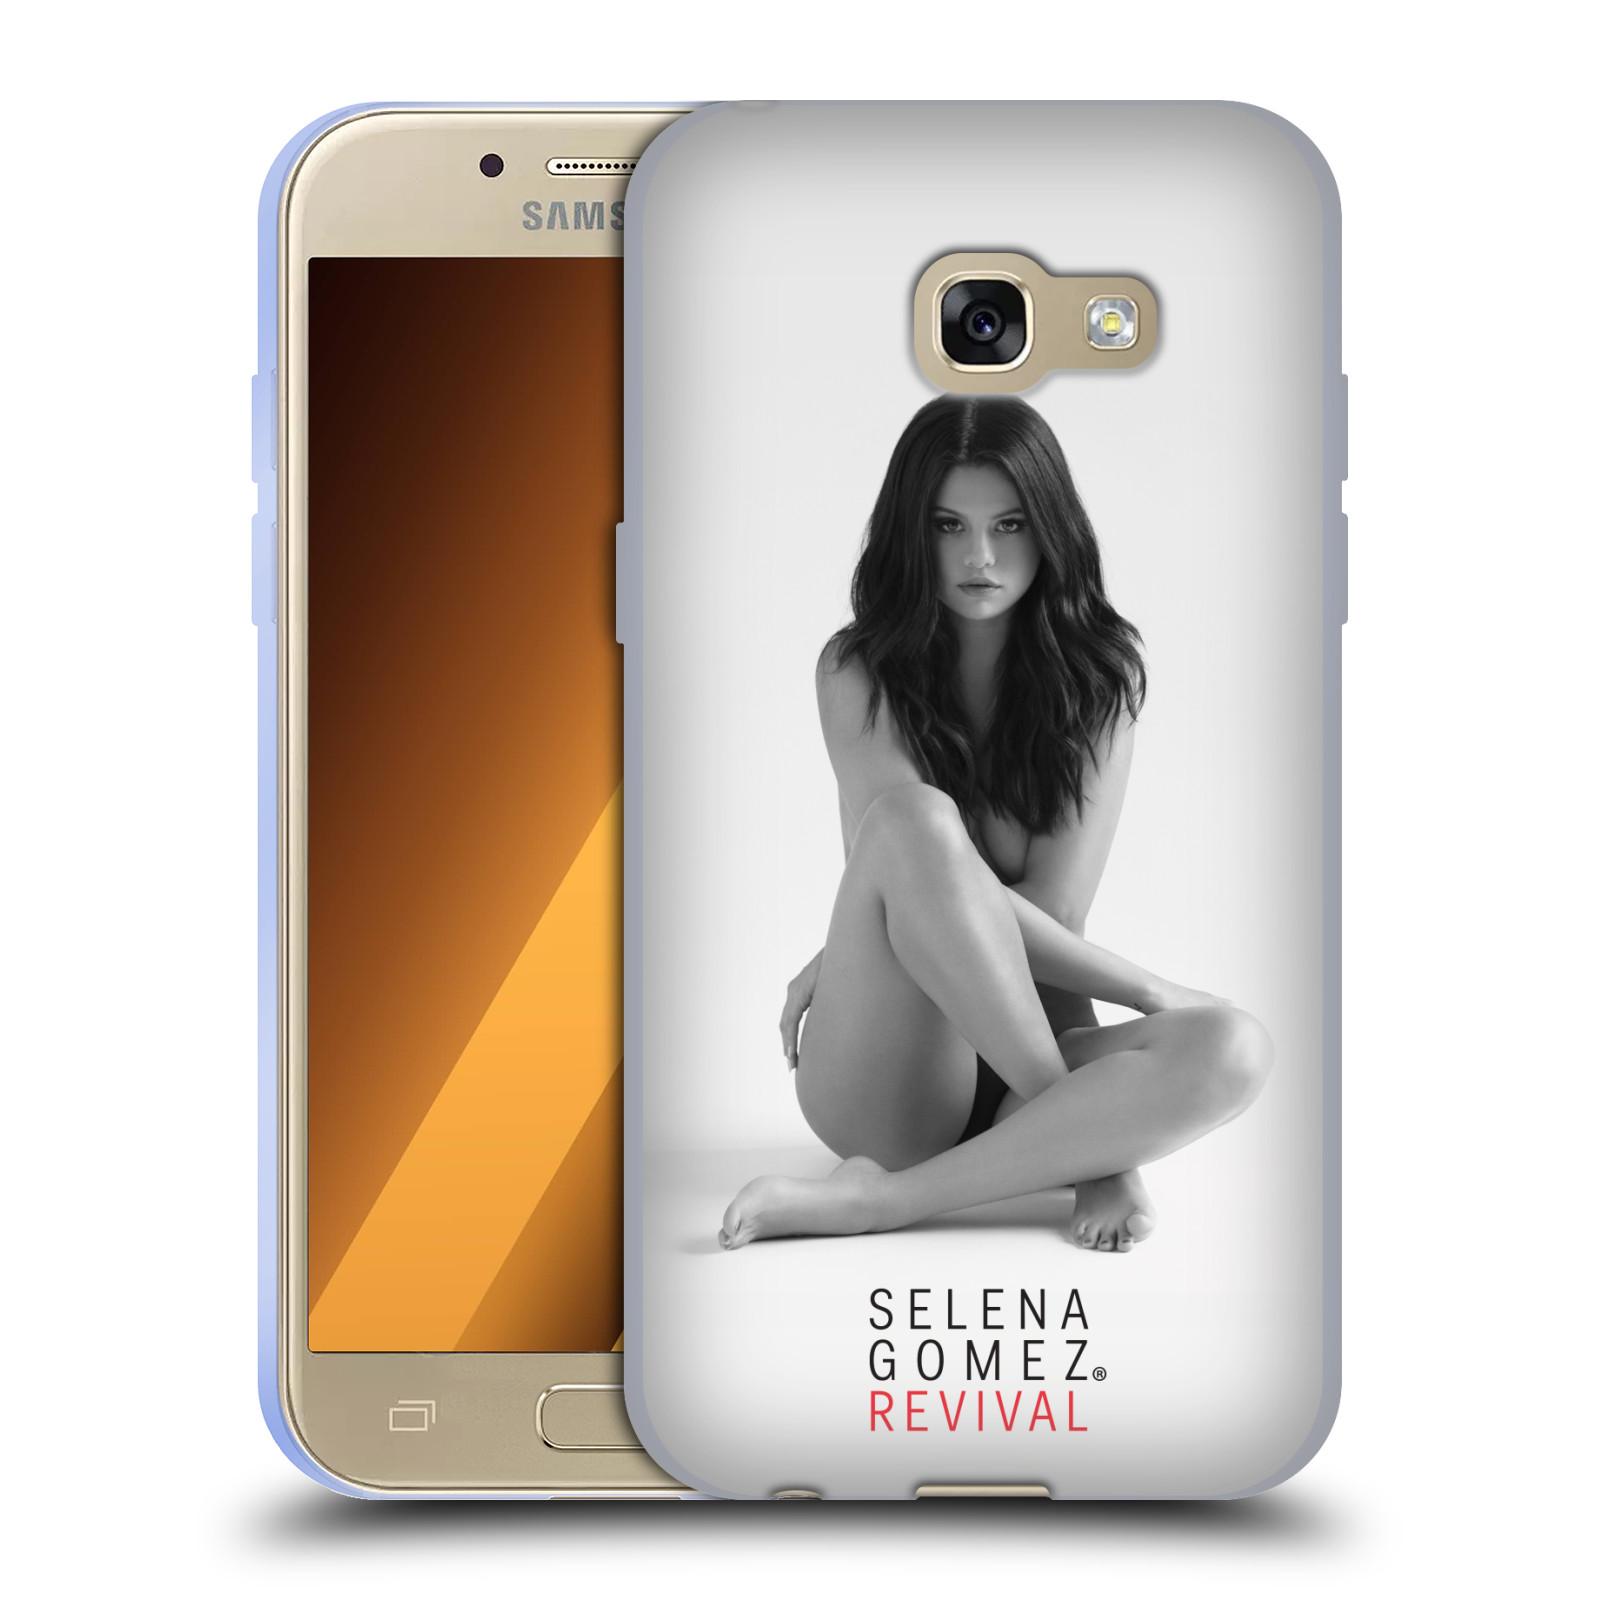 HEAD CASE silikonový obal na mobil Samsung Galaxy A3 2017 (A320) Zpěvačka Selena Gomez foto Revival